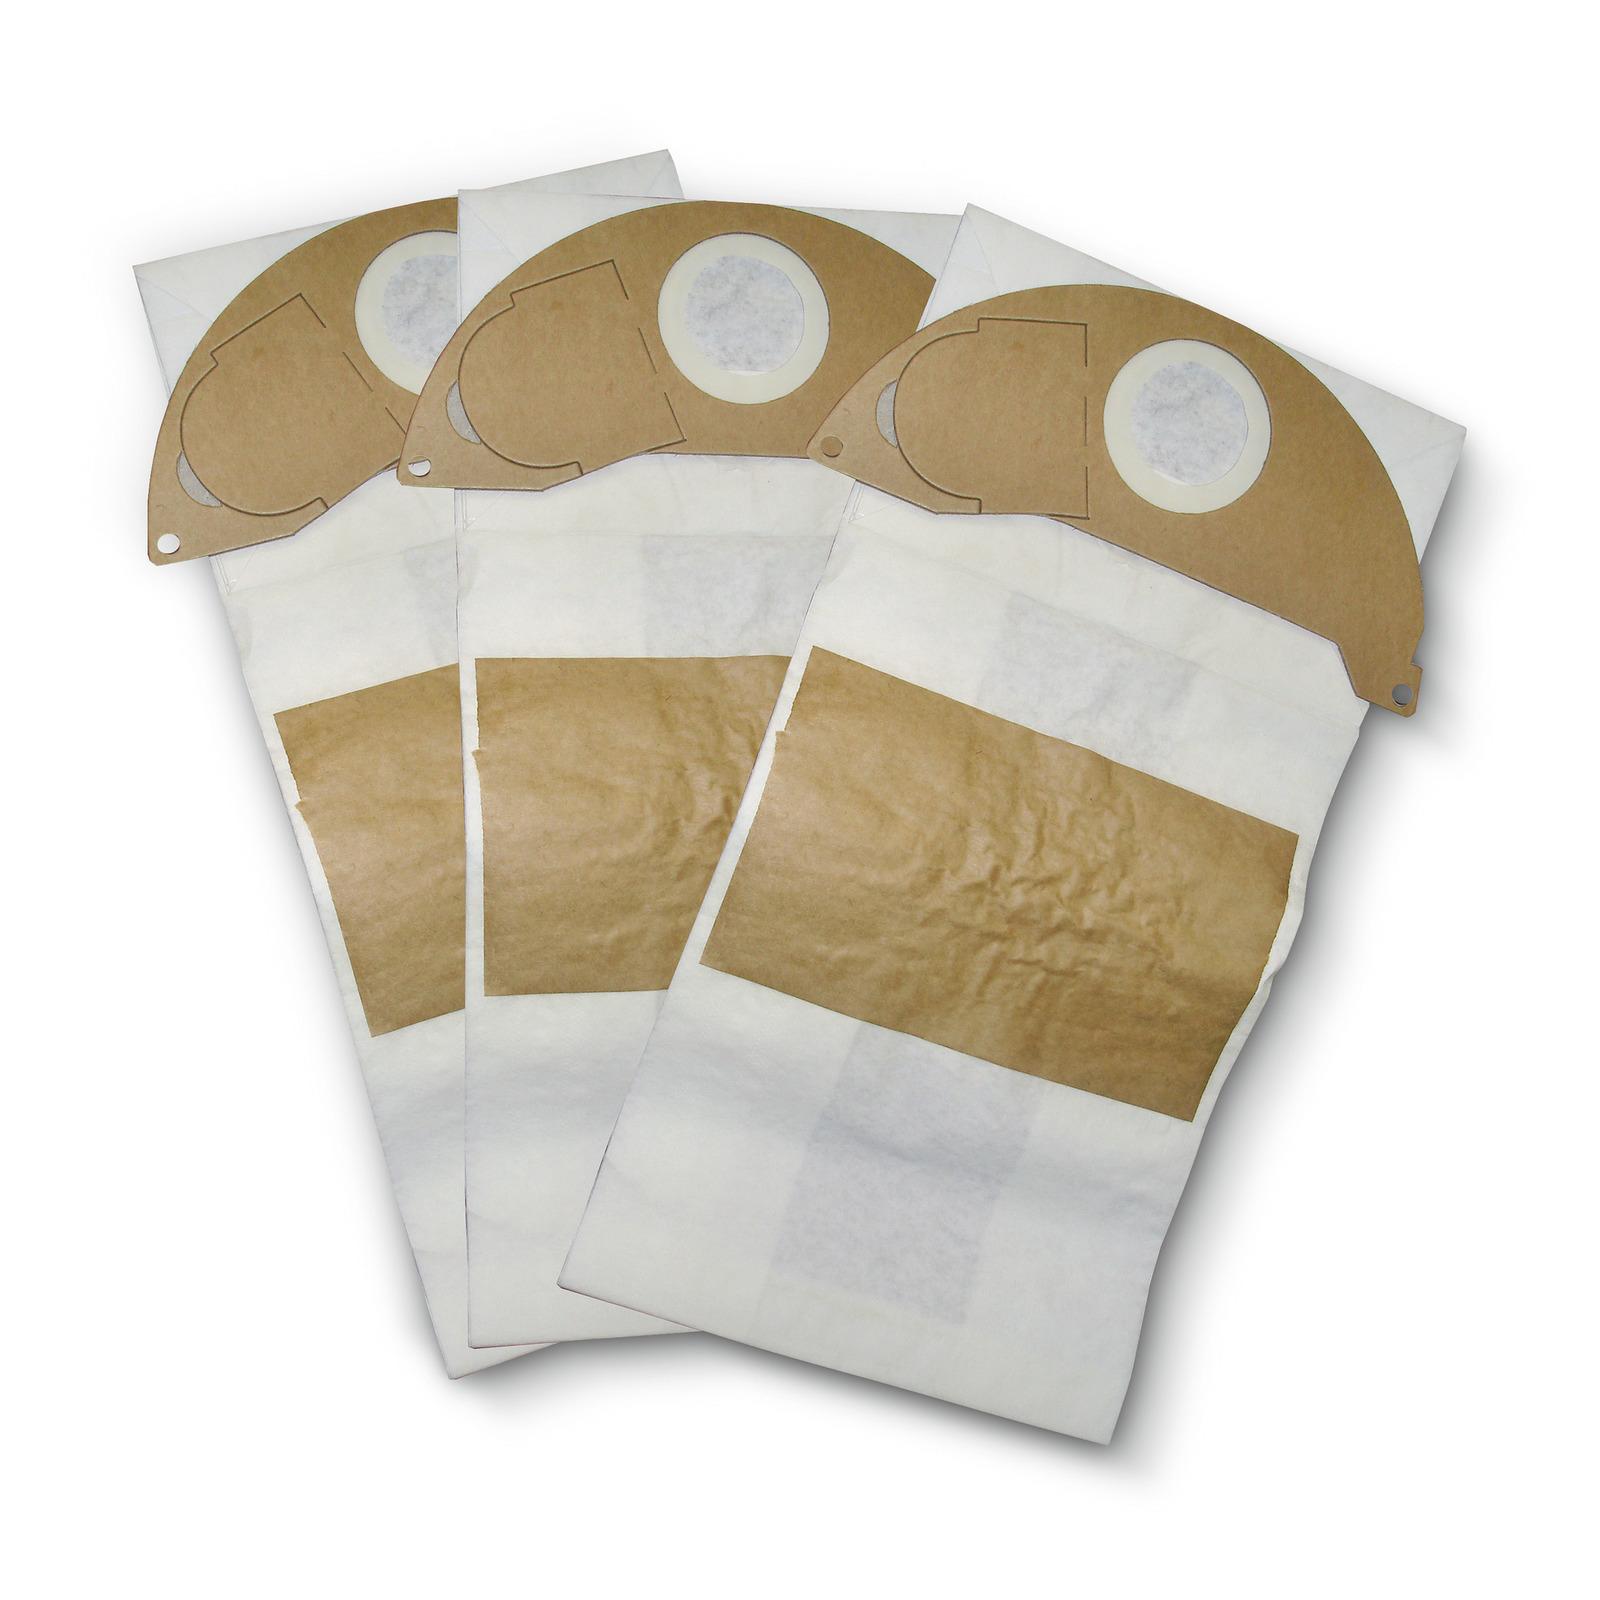 filtro de papel para aspiradores a 2003 a 2004 e a 2114 3 unidades k rcher brasil. Black Bedroom Furniture Sets. Home Design Ideas